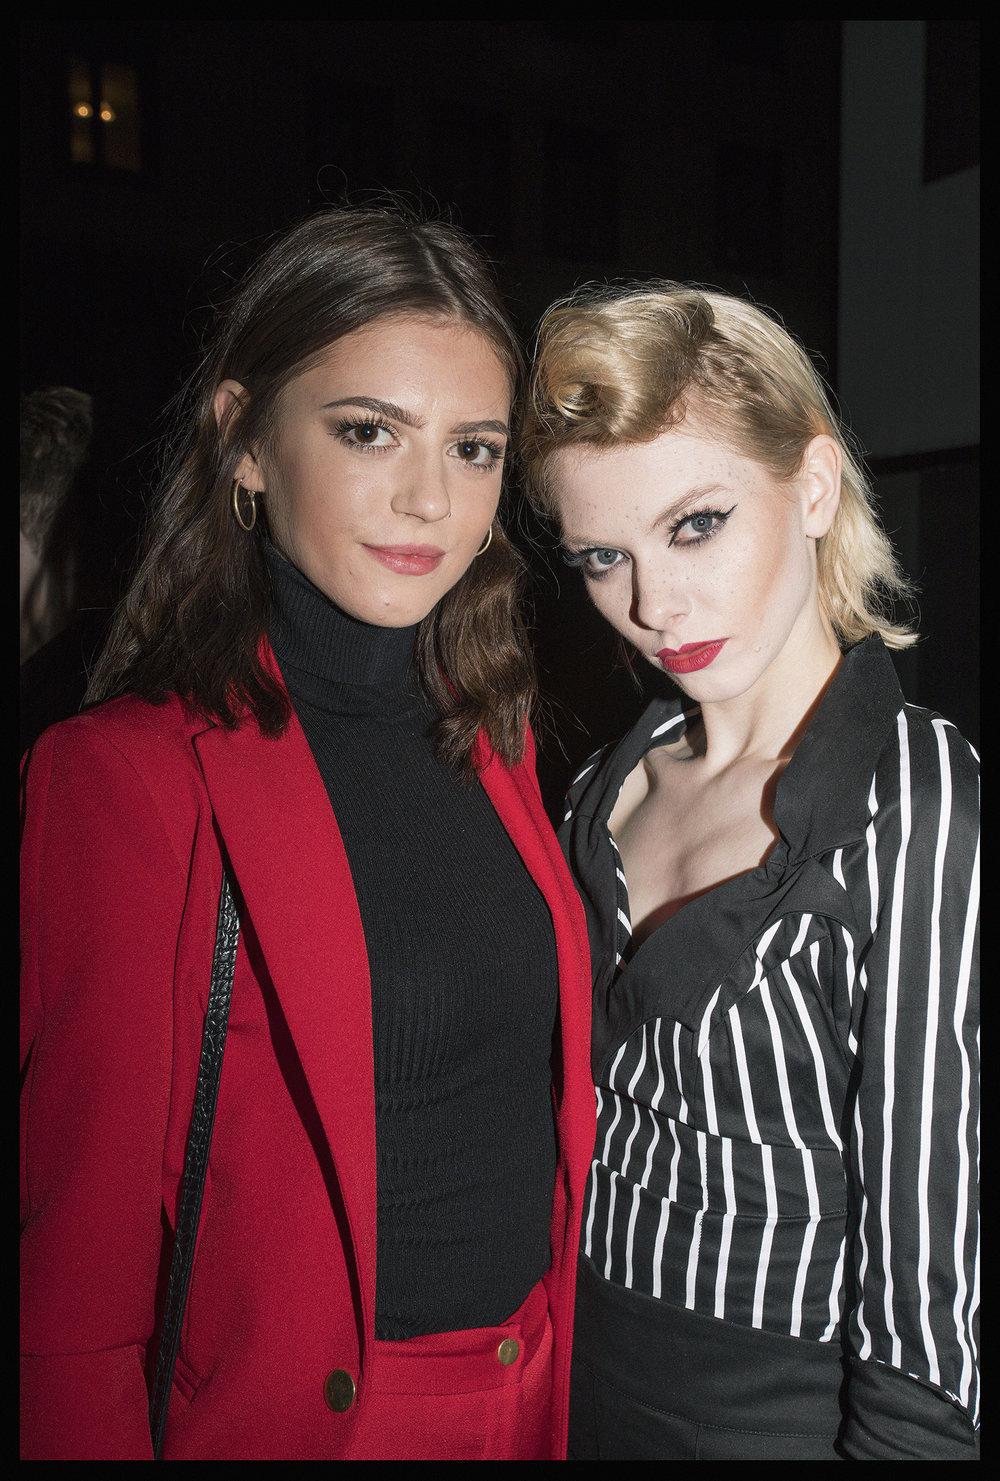 Victoria and Francesca.